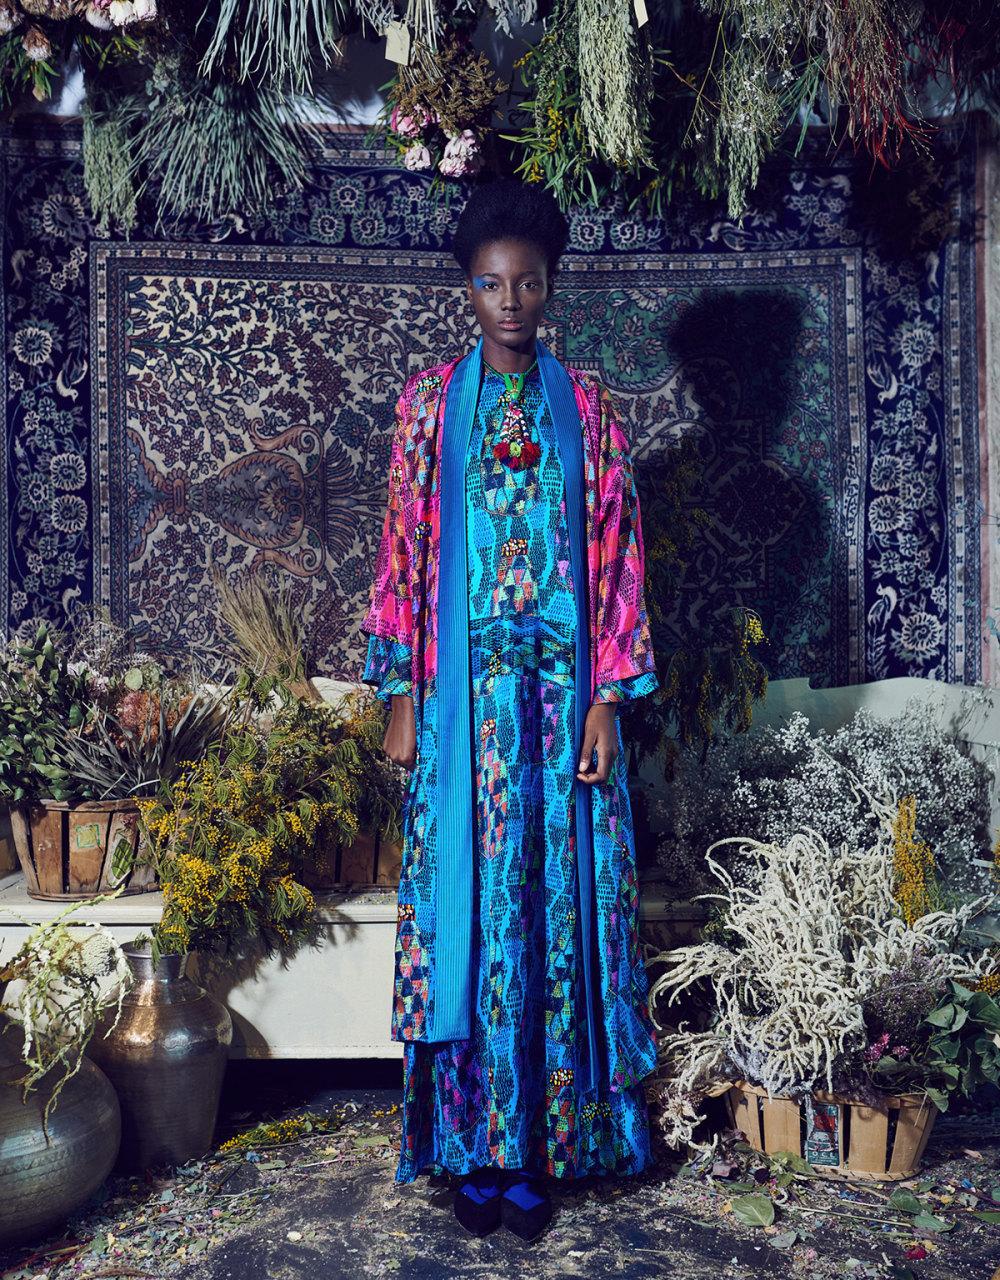 Rianna+Nina时装系列定制的夹克和金属光泽的七分裤定义未来主义-14.jpg